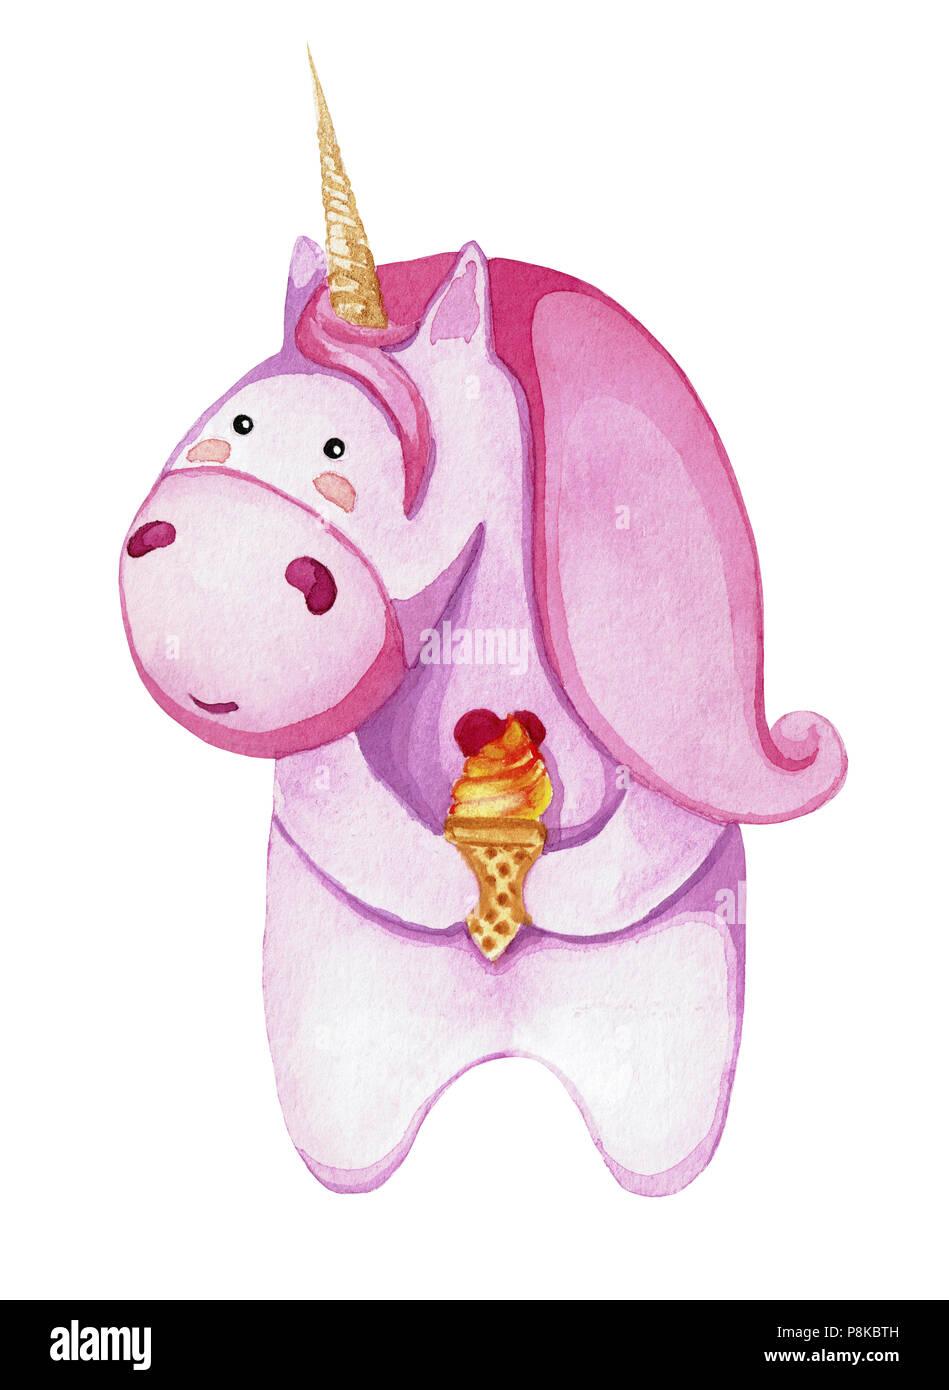 Unicorno Rosa Con Gelato Isolati Su Sfondo Bianco Disegno Con